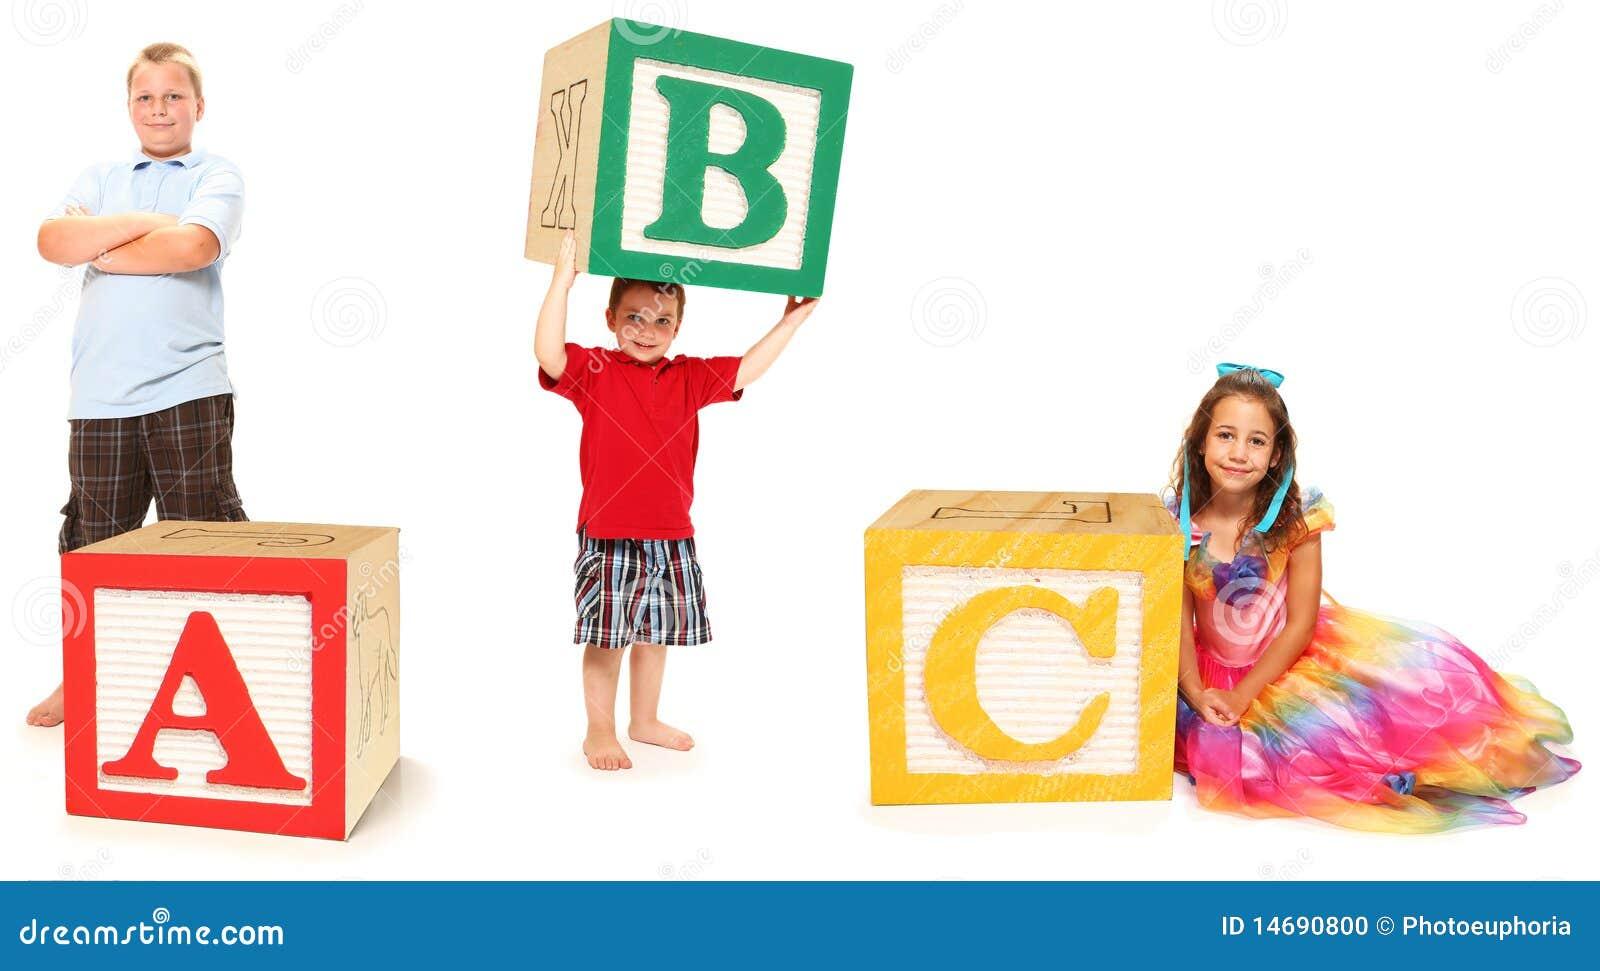 Abc字母表阻拦孩子